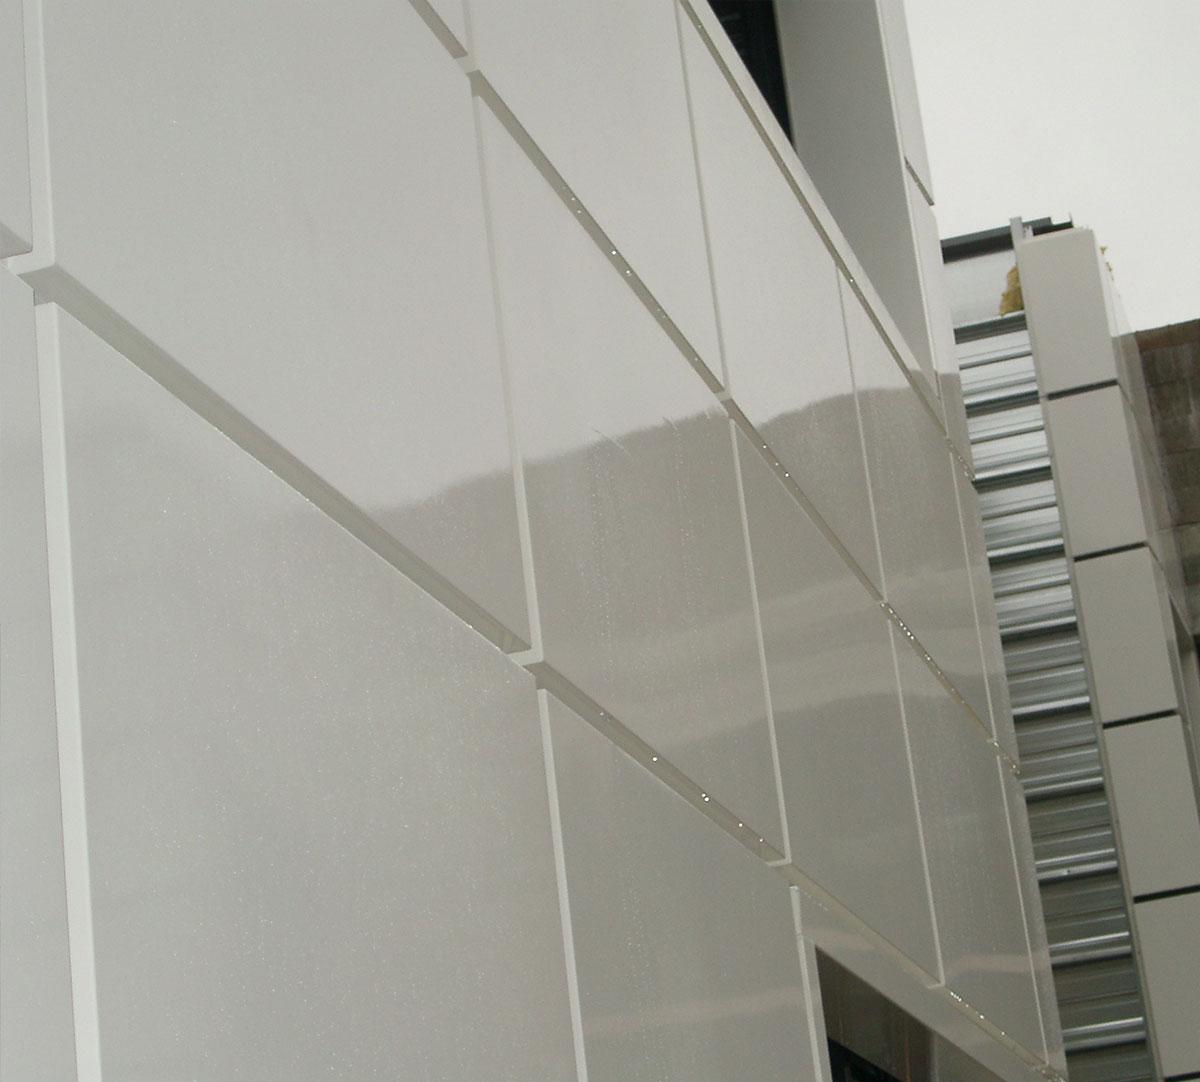 Réalisation Cassettes en aluminium post-laqué : image 3